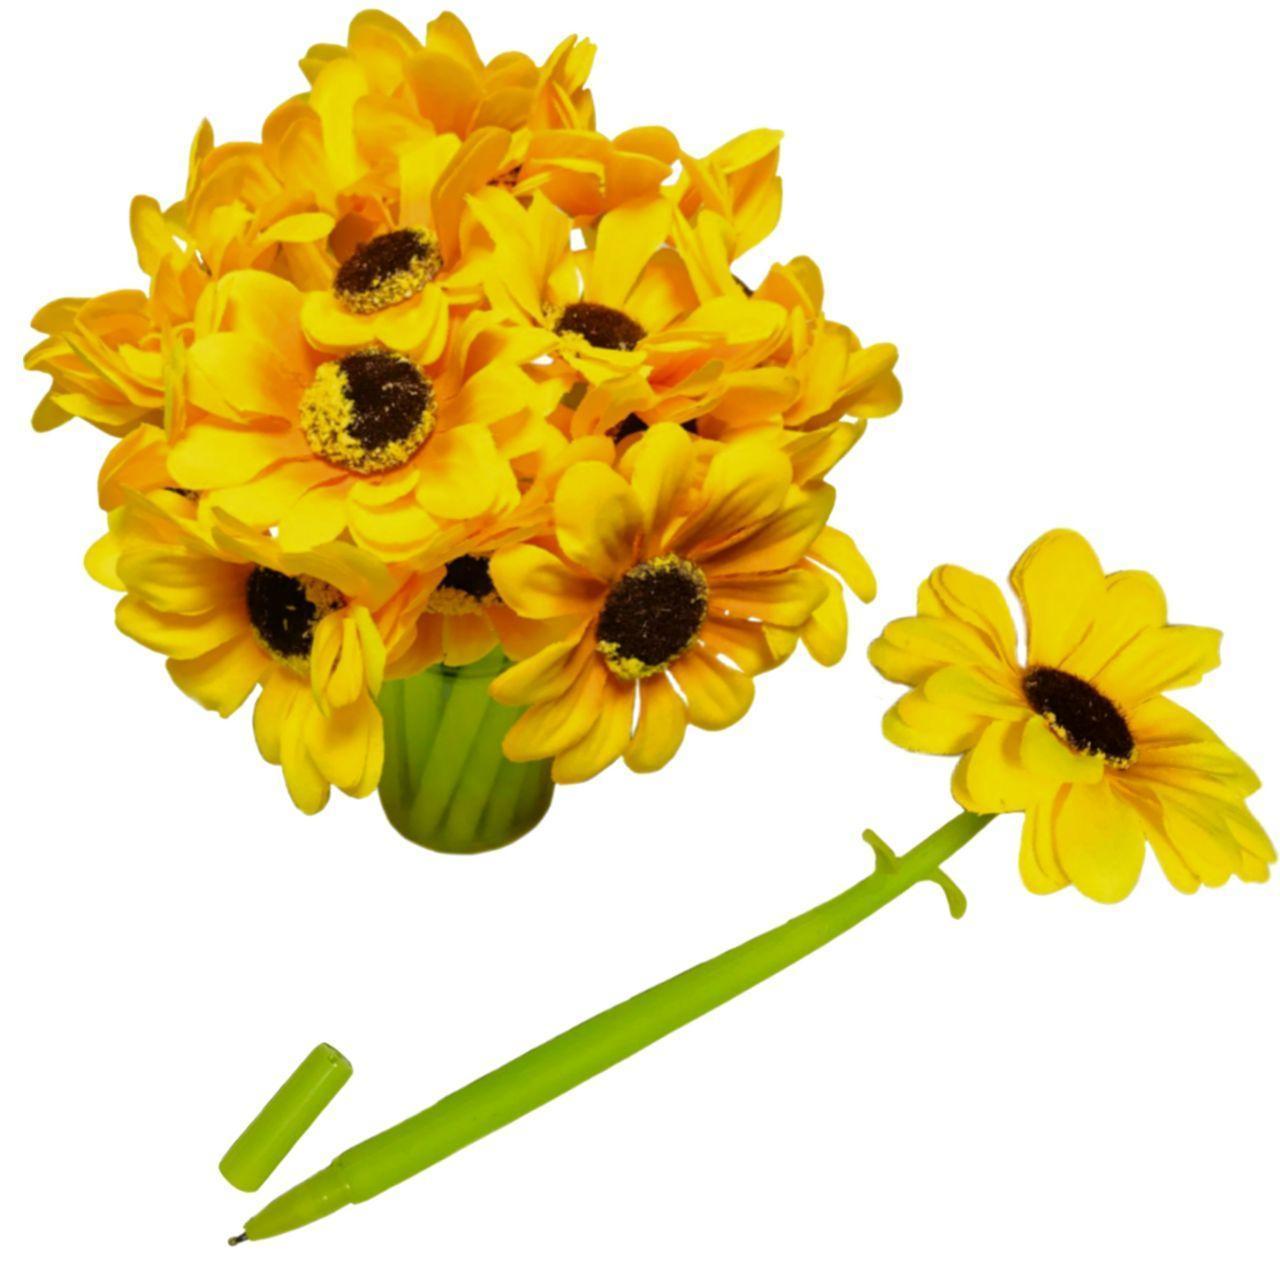 Ручка-цветочек ПОДСОЛНУХ